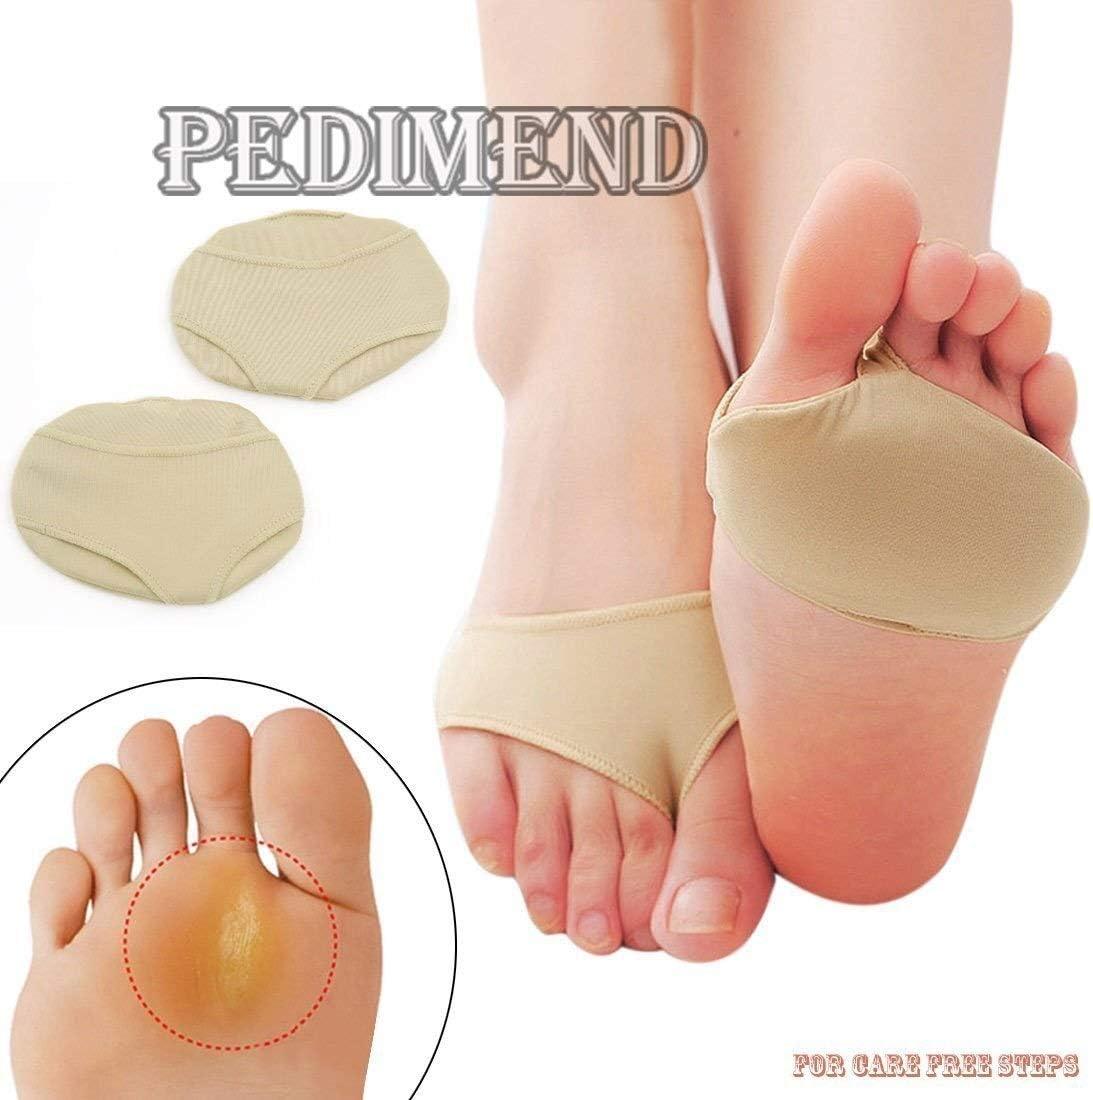 Plantilla ortopédica de cuerpo entero Soporte for el antepié metatarsiano antideslizante (1 par) - Almohadillas de tela con almohadillas de gel for los pies - Almohadillas de neuroma de Morton - Dolor